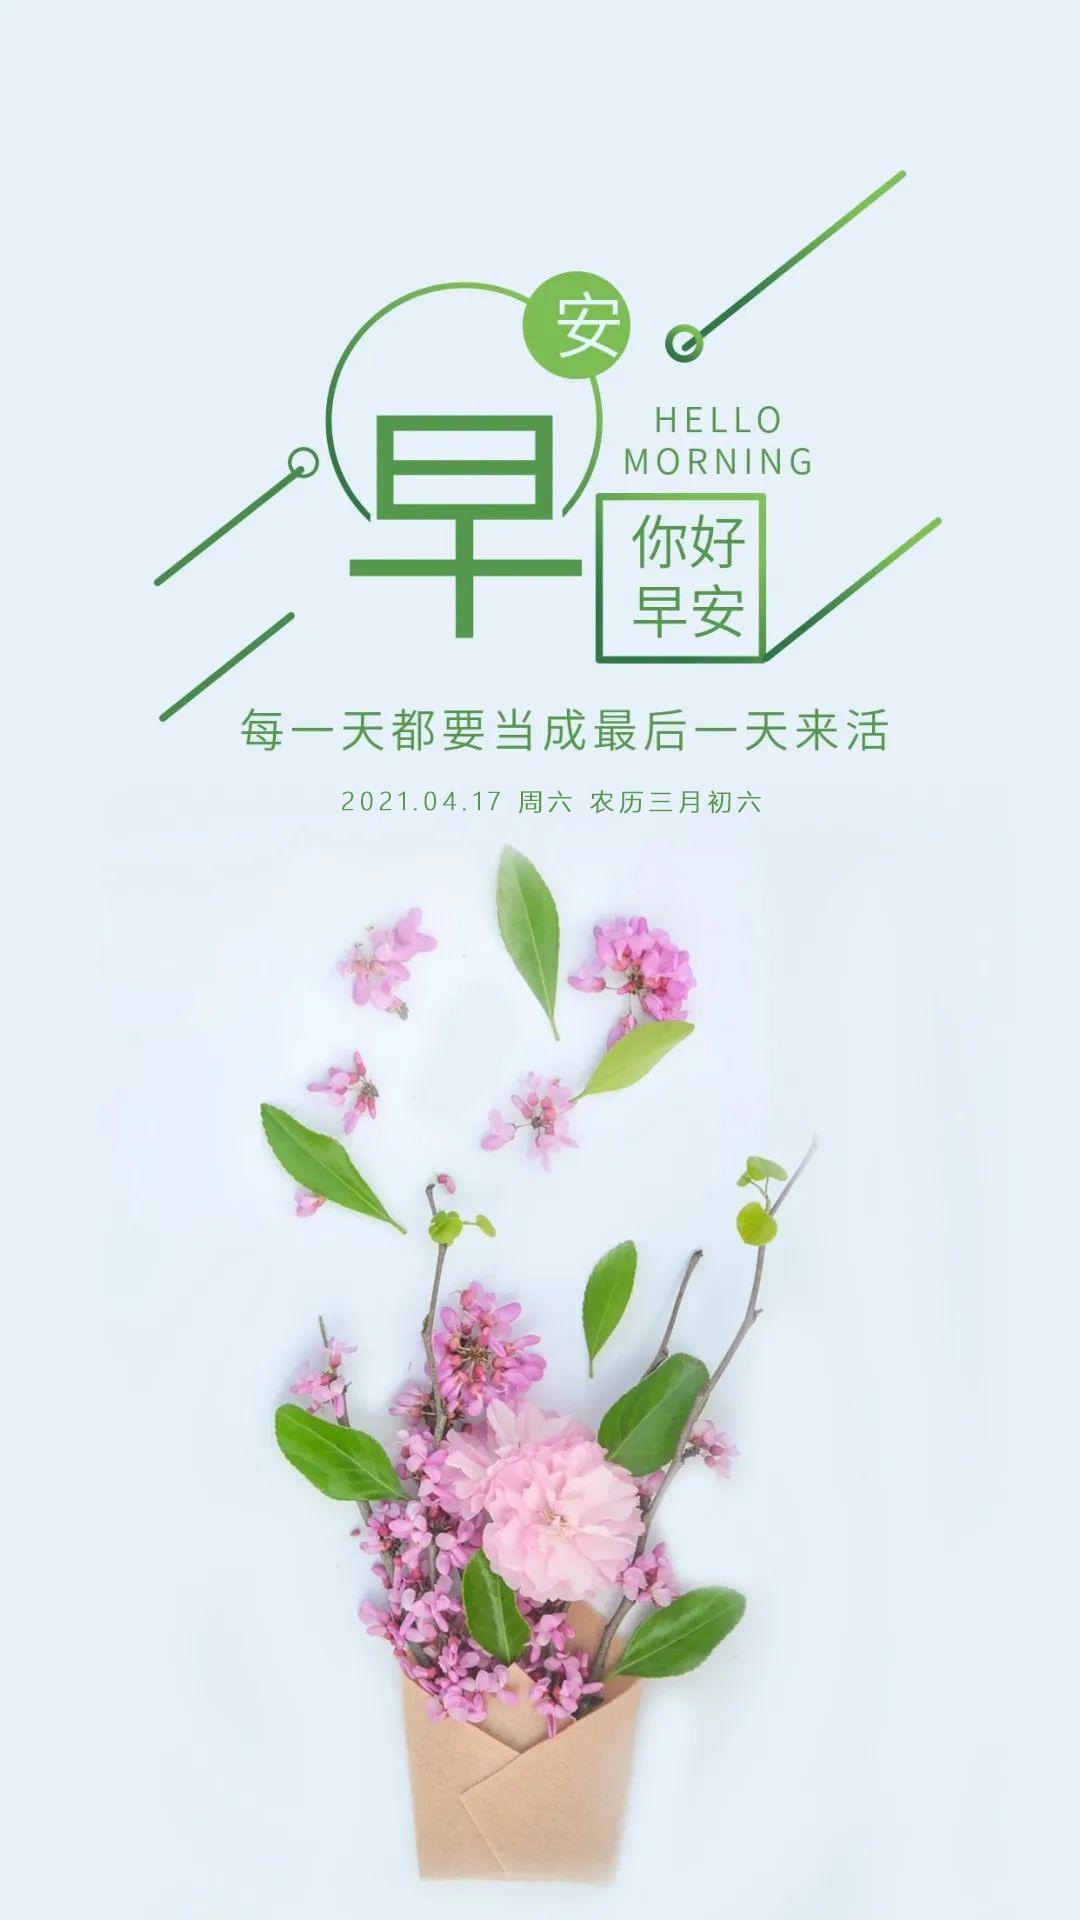 正能量早安语录配图片:将生活嚼得有滋有味,把日子过得活色生香